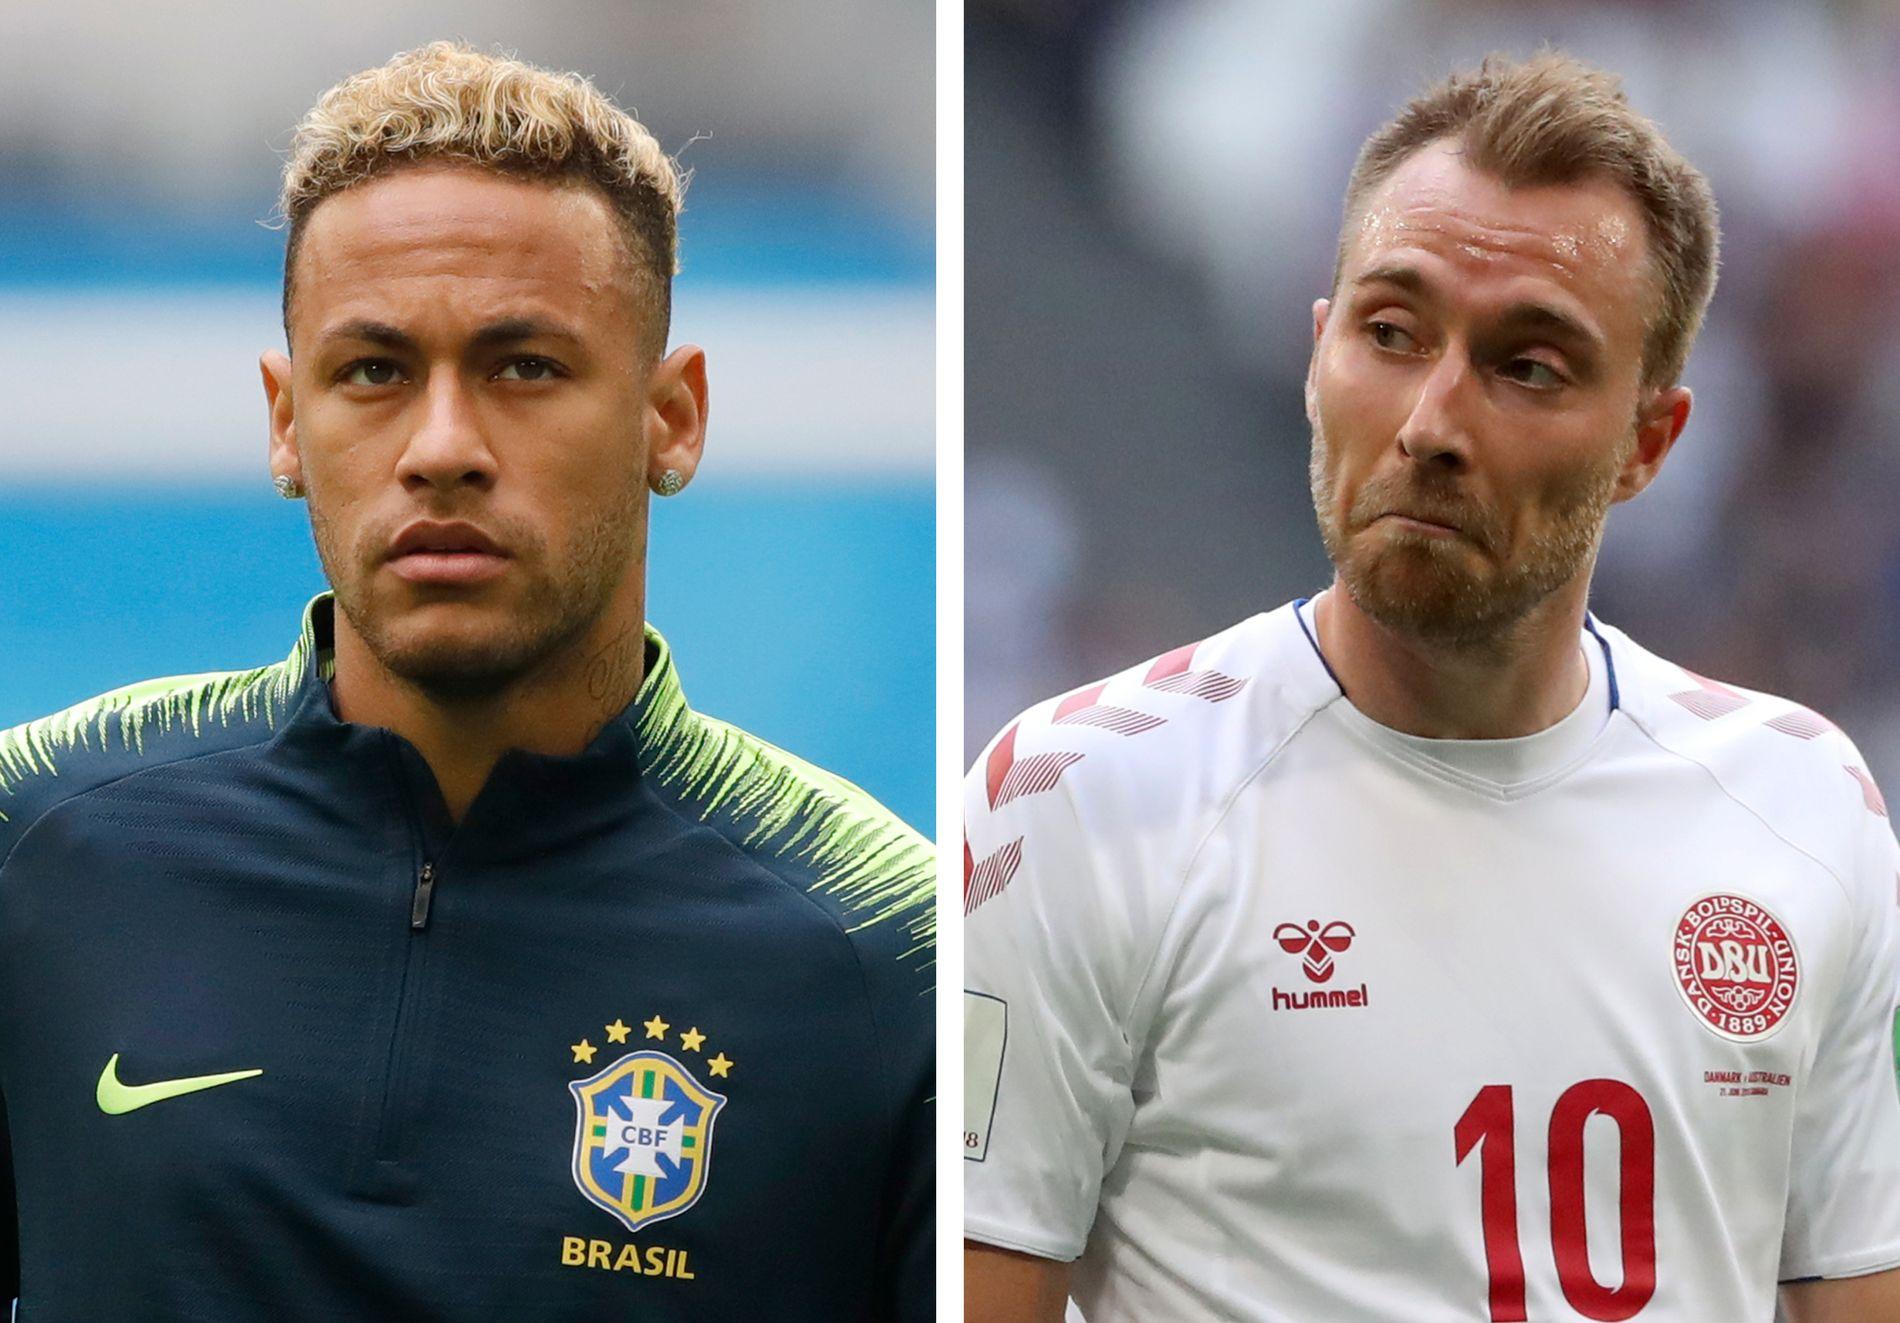 HVEM ER BEST? Neymar (t.v.) eller Christian Eriksen? Ifølge den danske keeperlegenden Peter Schmeichel er sistnevnte best.